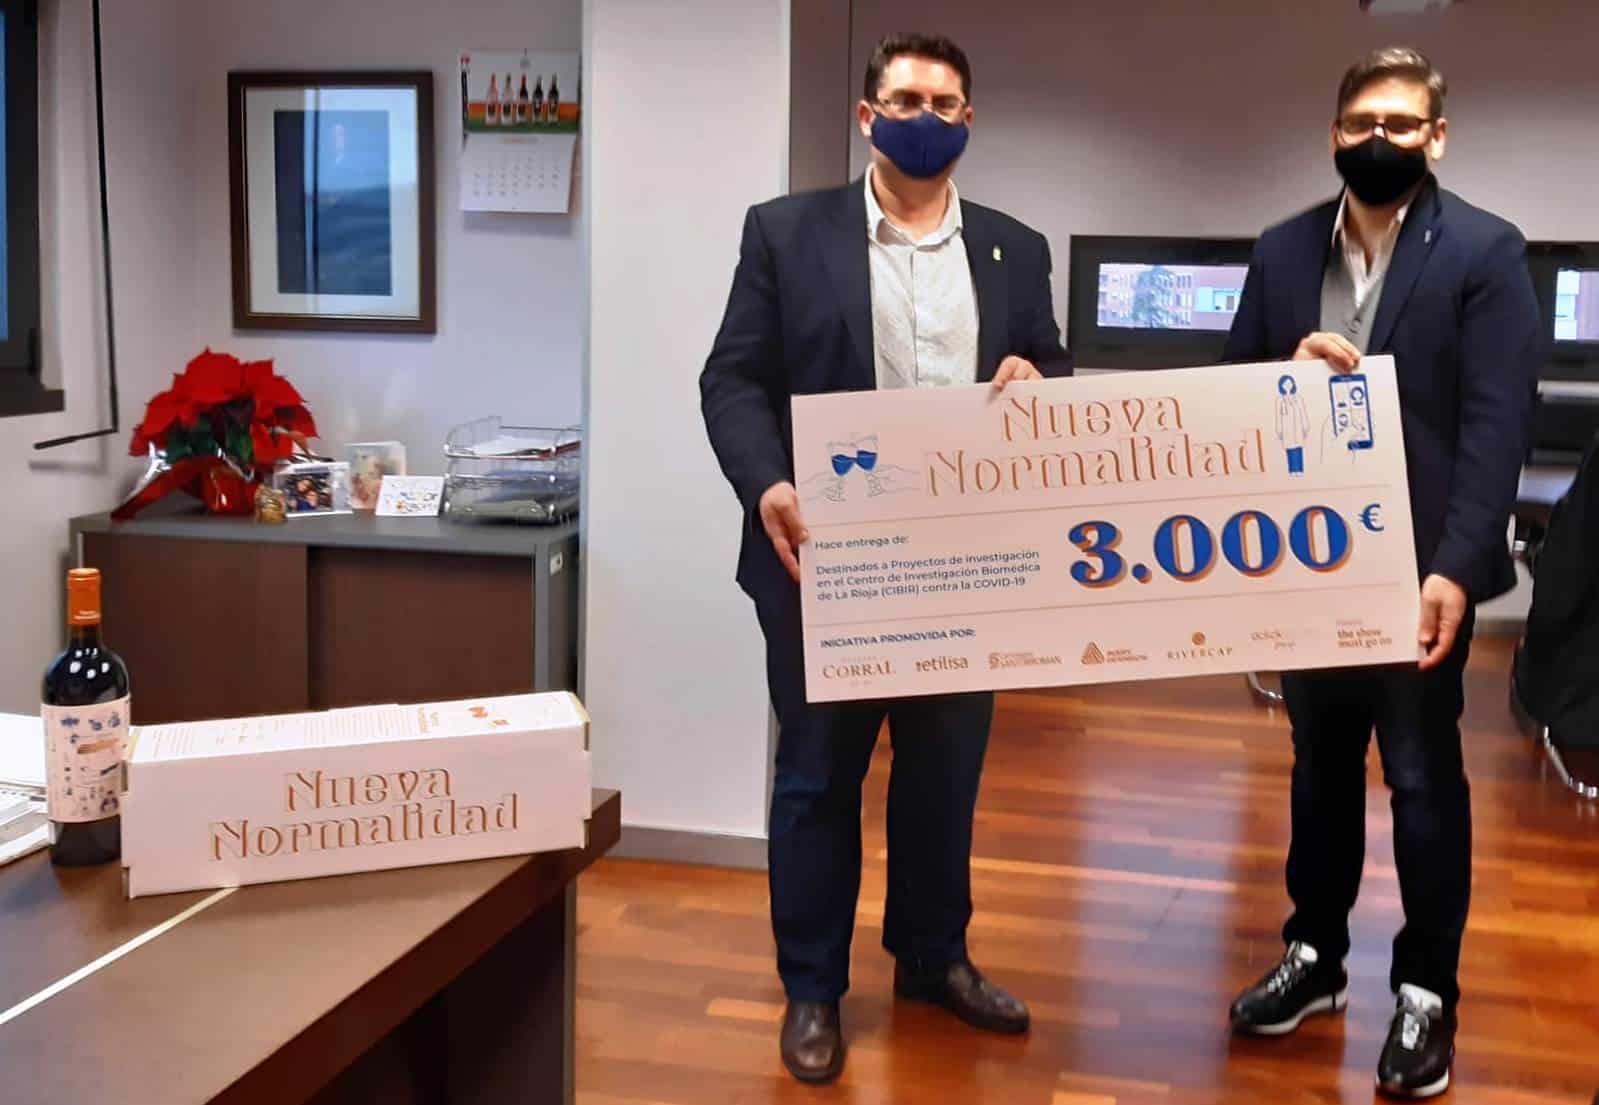 El CIBIR recibe 3.000 euros para la investigación de la COVID-19 tras agotarse las 500 botellas del vino 'Nueva Normalidad' 1